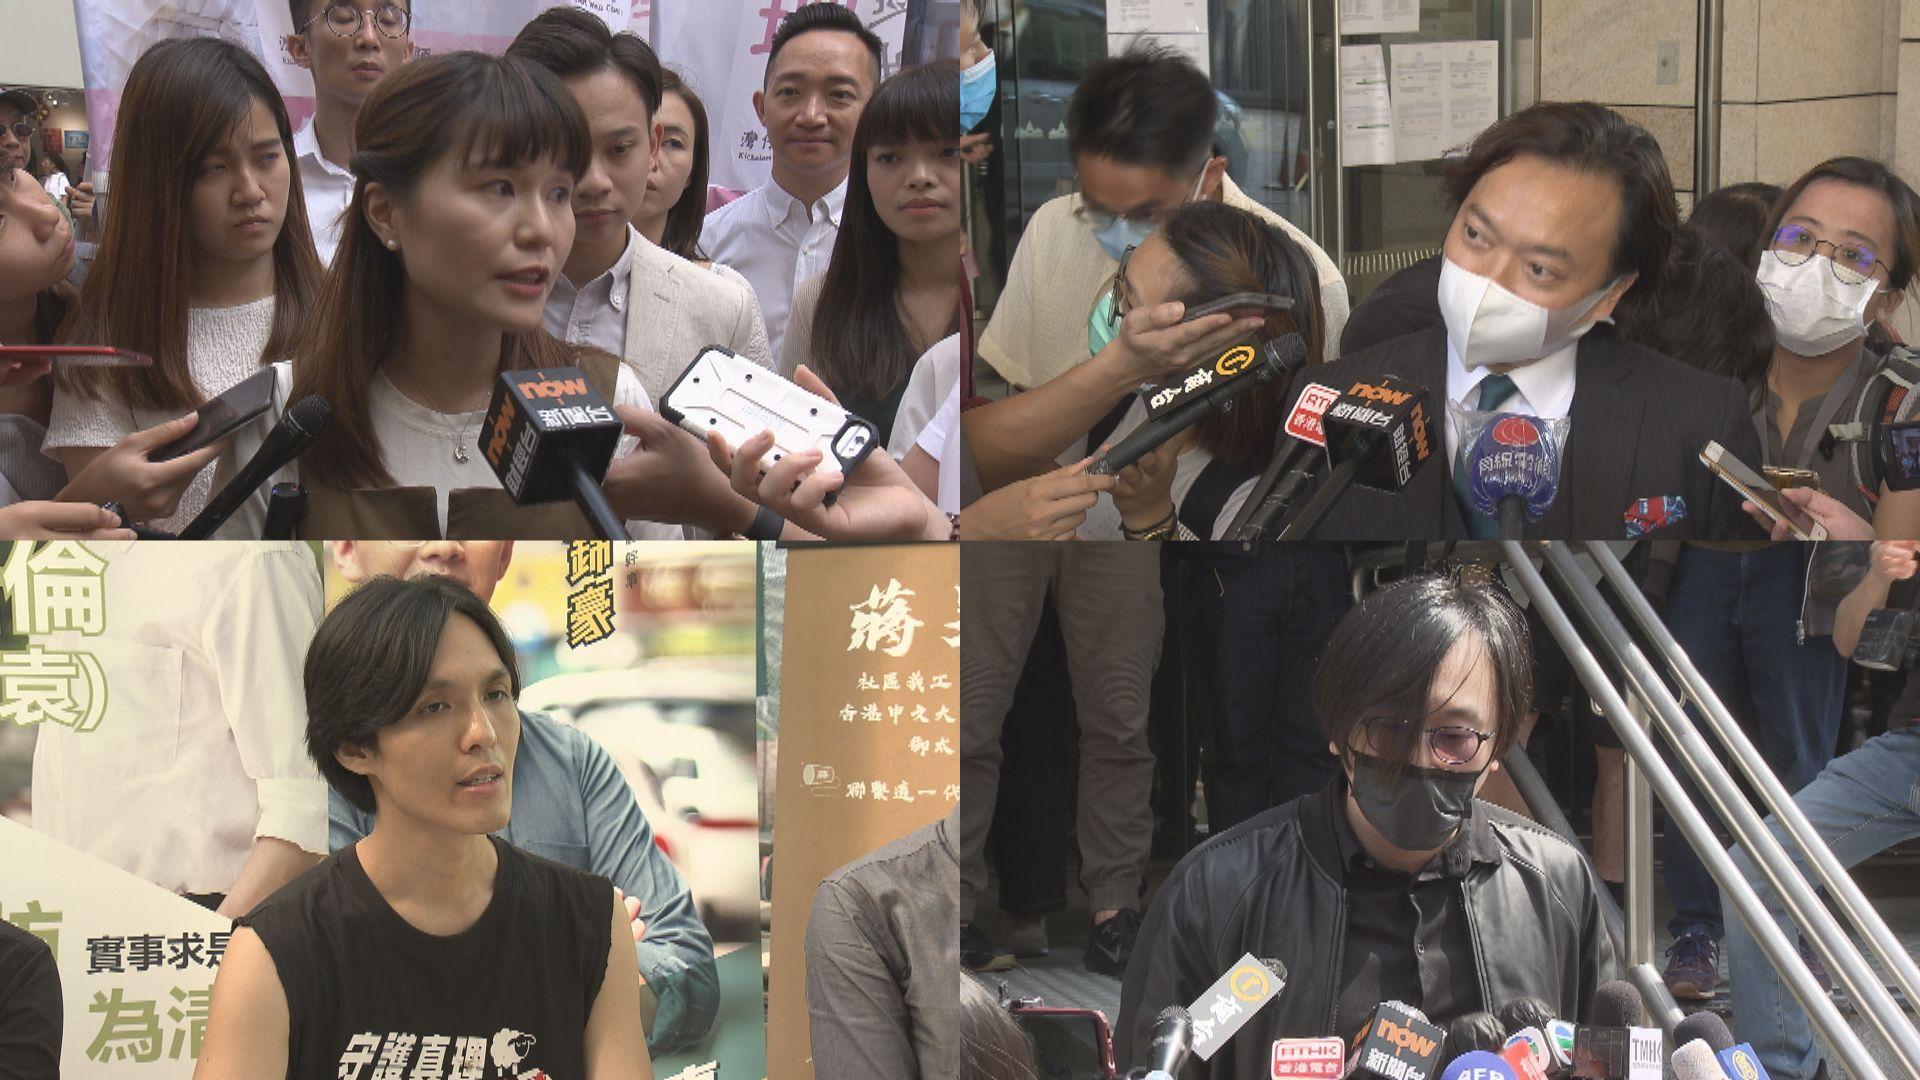 初選案四被告楊雪盈、劉偉聰、呂智恆、林景楠獲准保釋